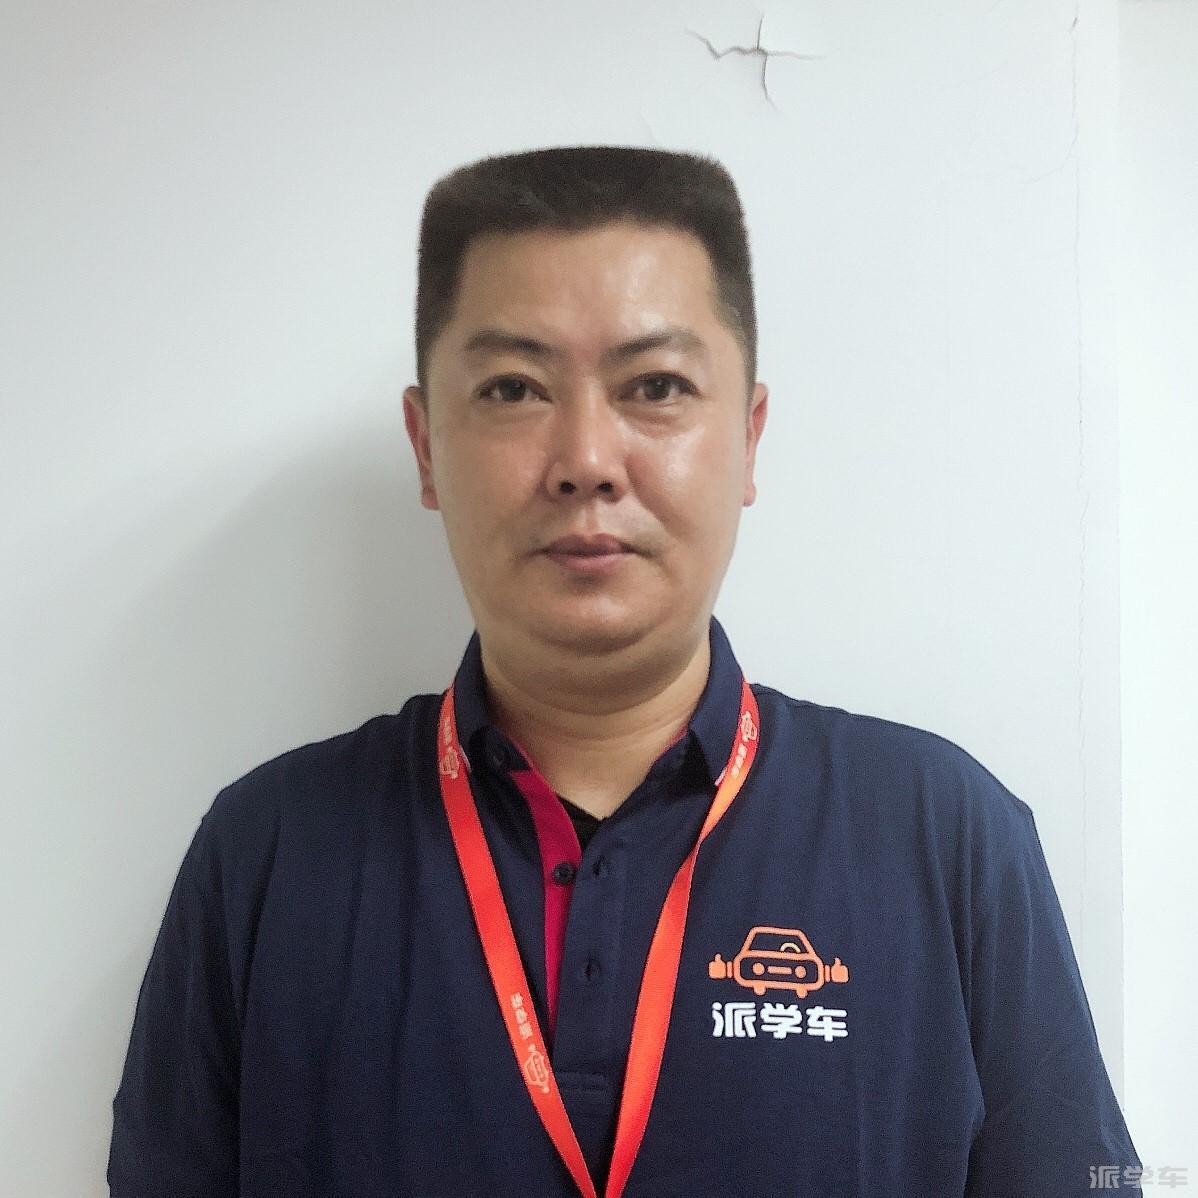 教练吴鑫荣